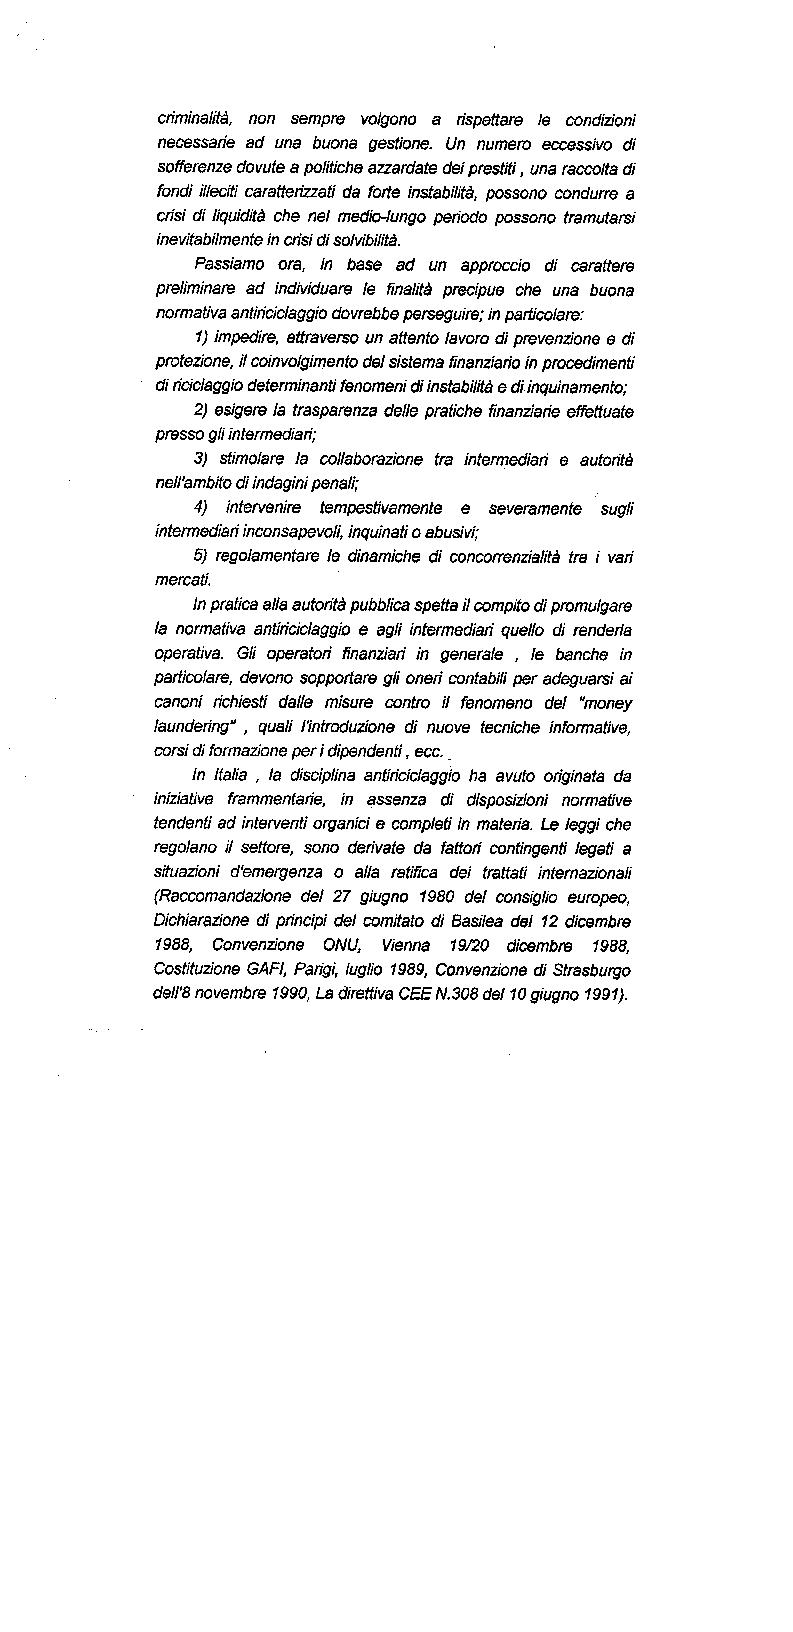 Anteprima della tesi: Il riciclaggio di proventi illeciti nel sistema finanziario contemporaneo, Pagina 7